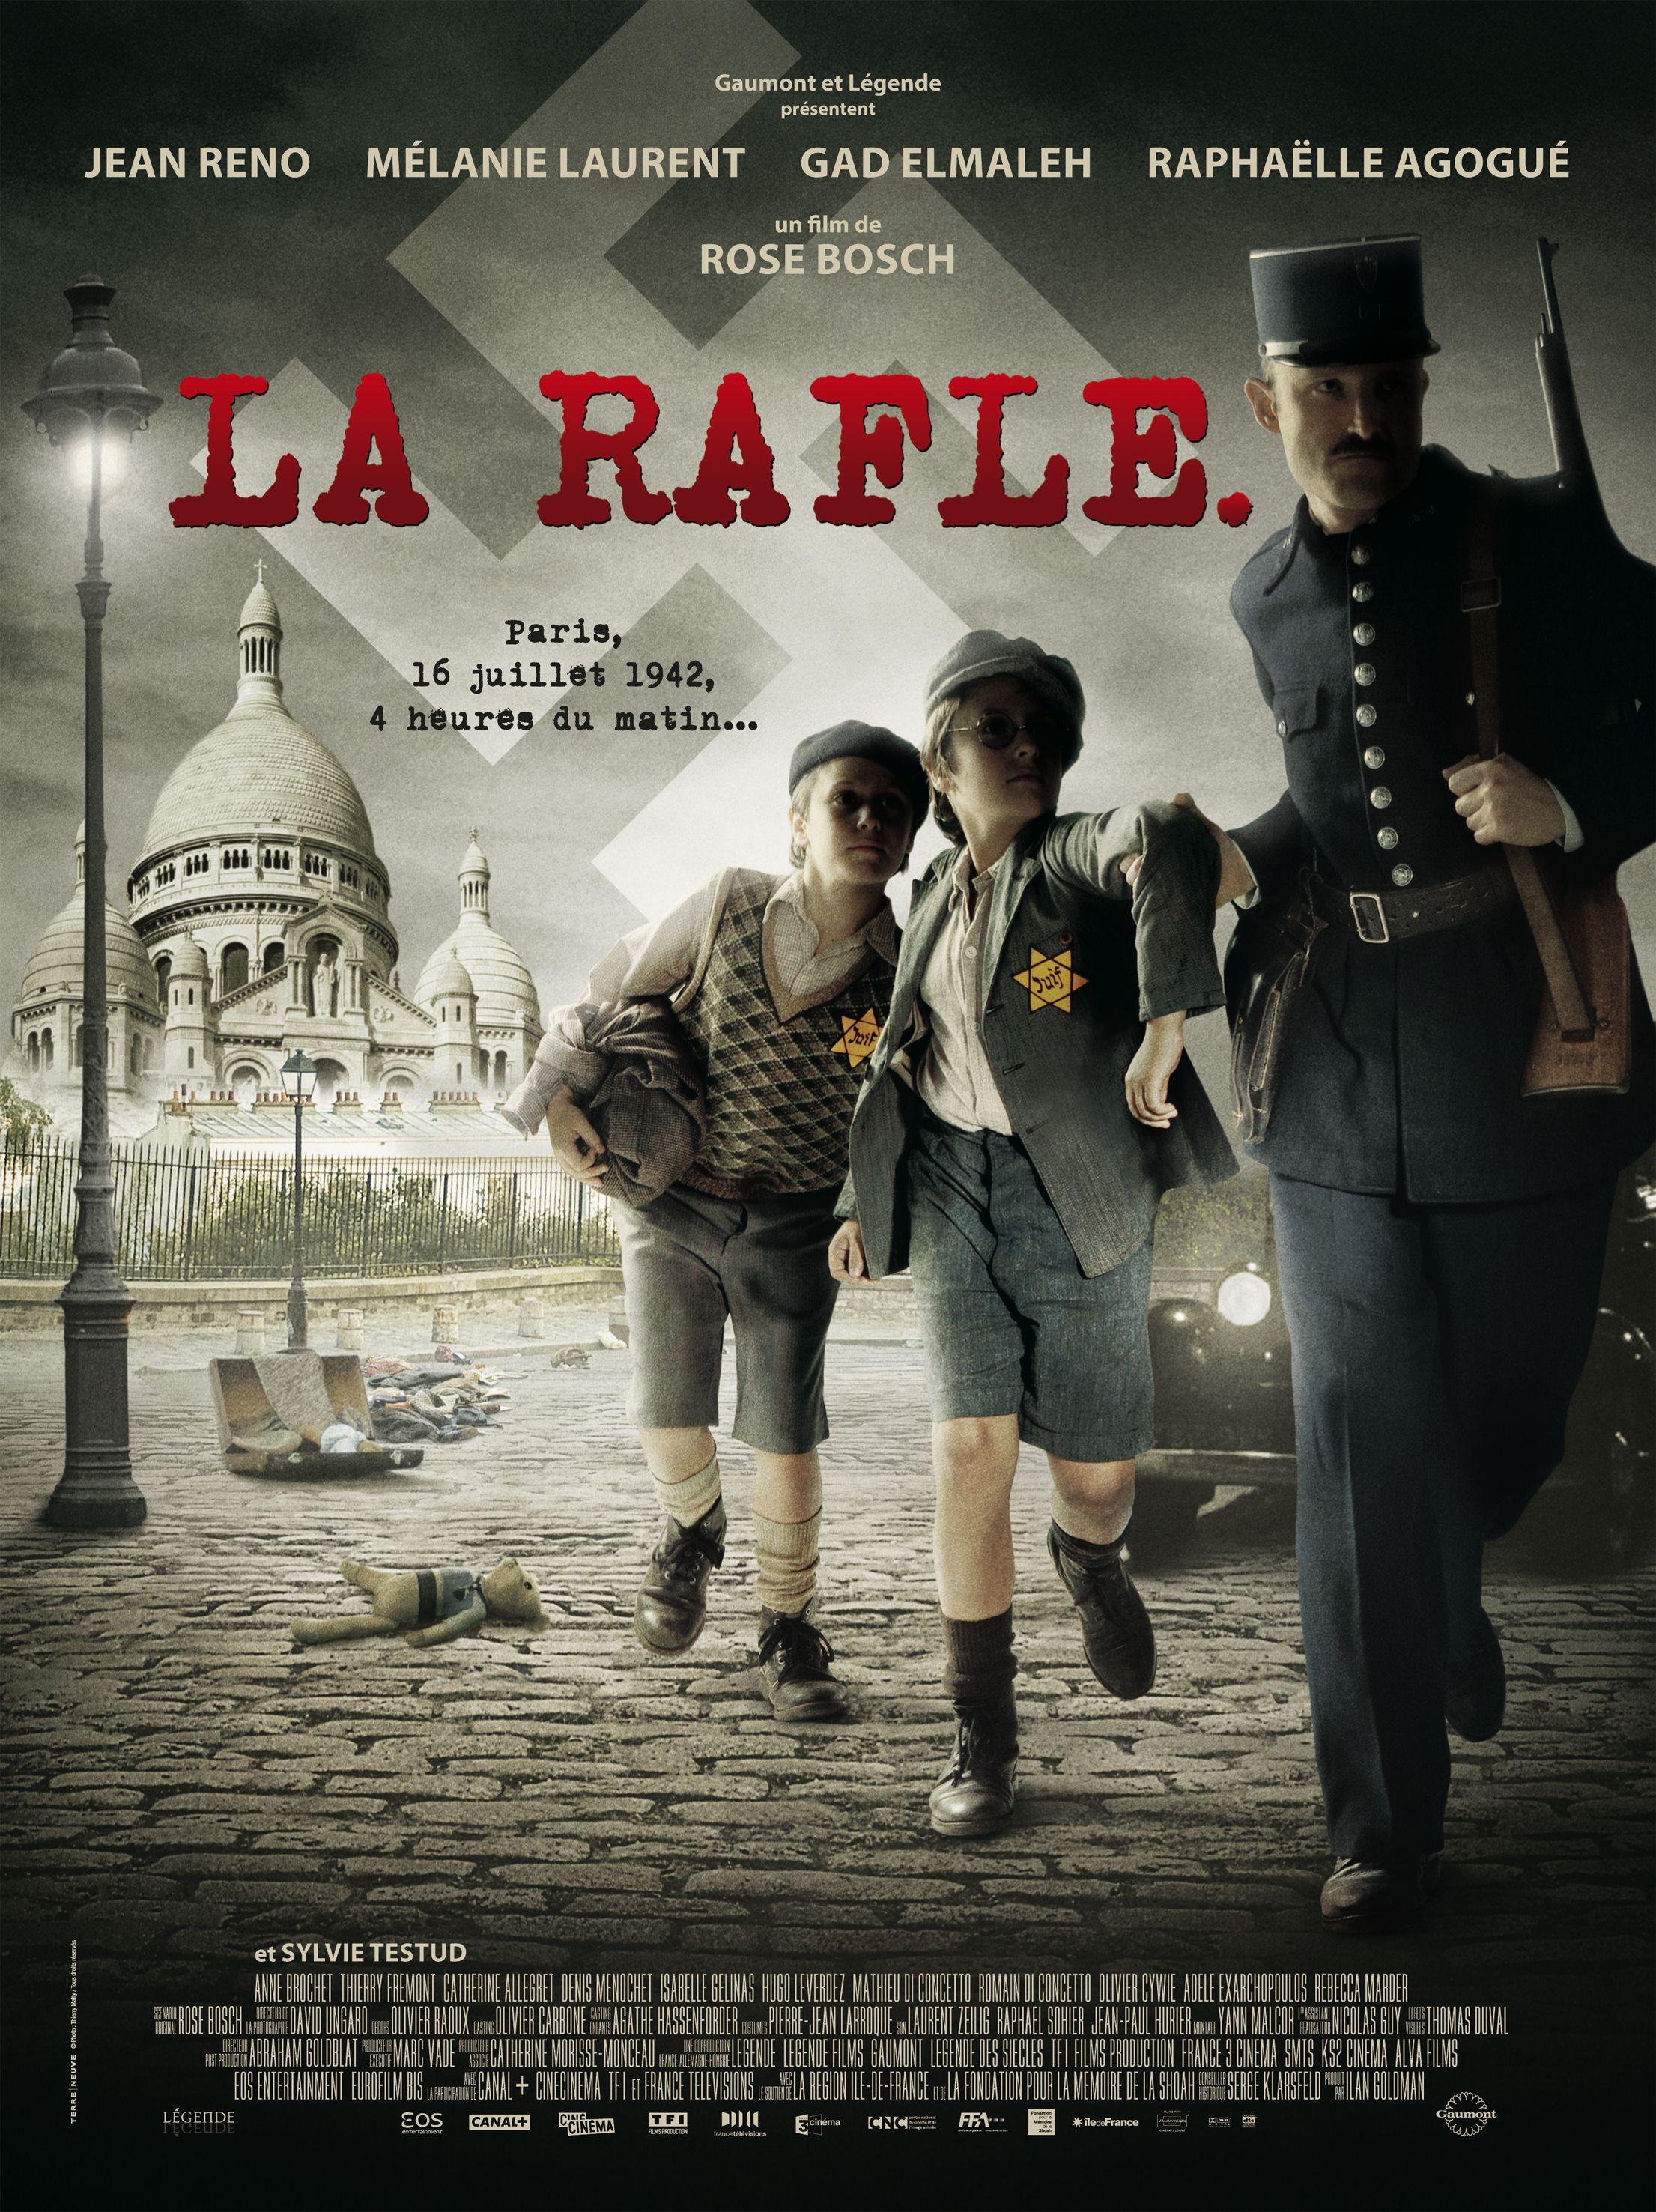 VEL DHIV DU GRATUIT RAFLE FILM TÉLÉCHARGER LA